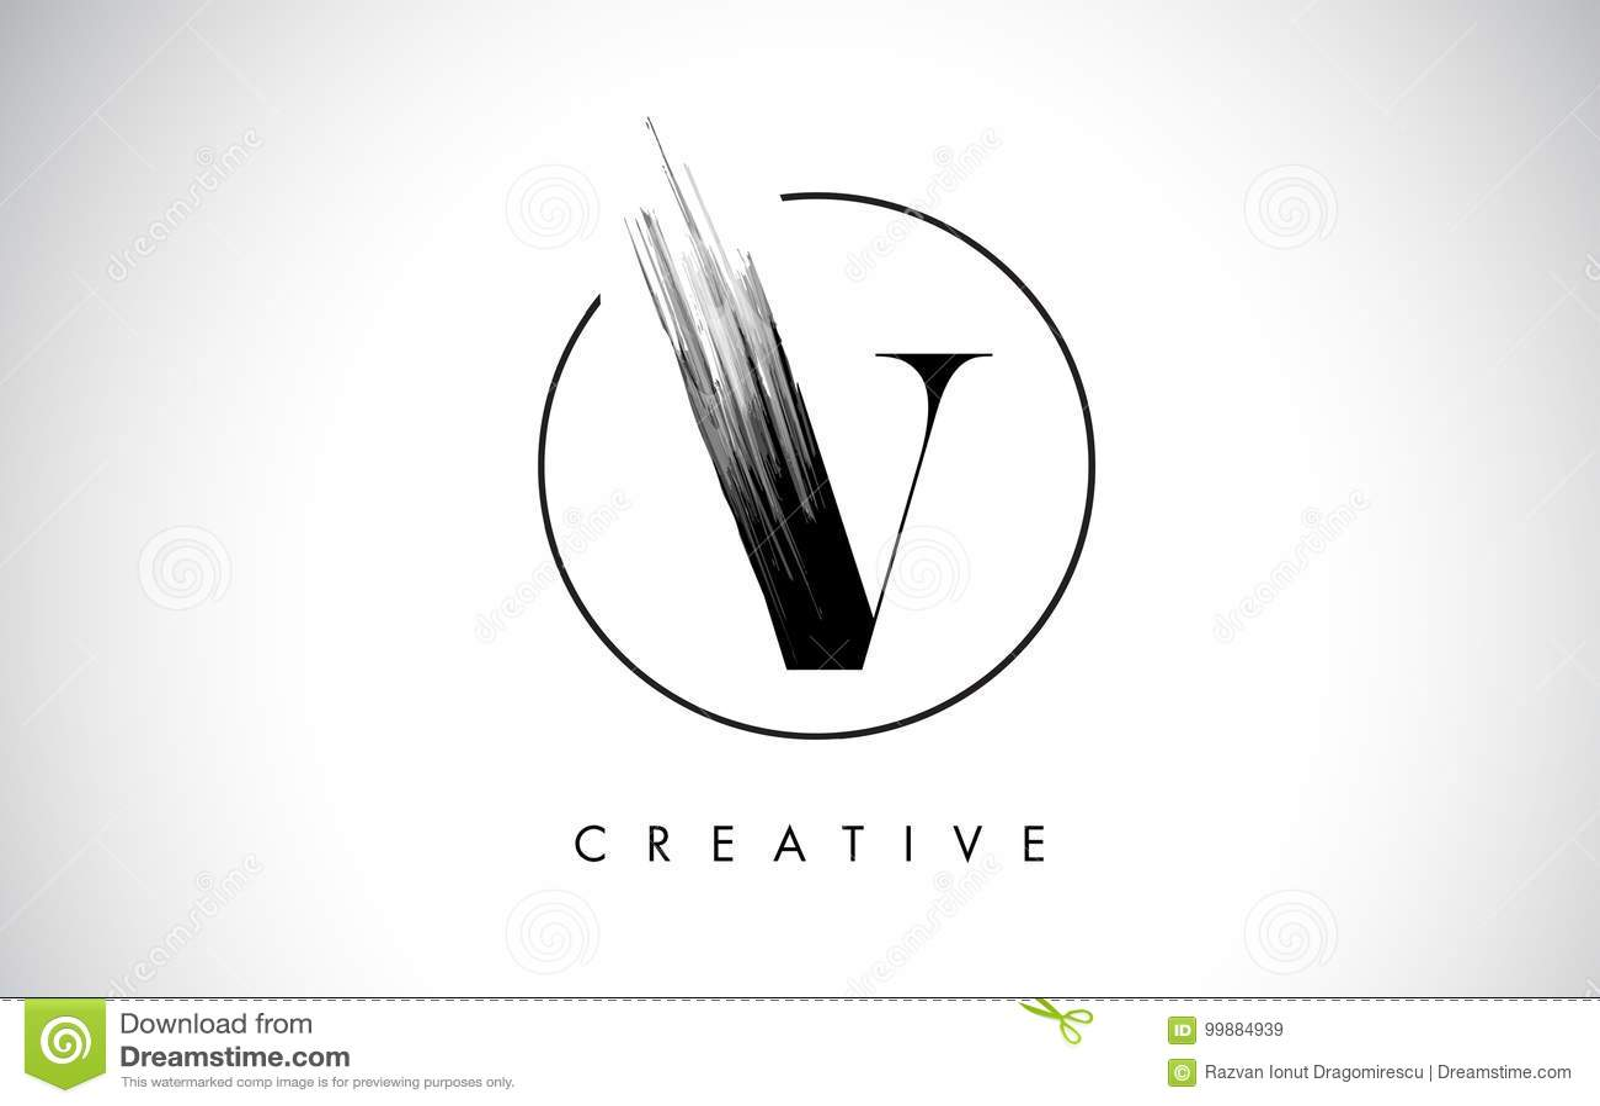 V Brush Stroke Letter Logo Design Black Paint Logo Leters Icon